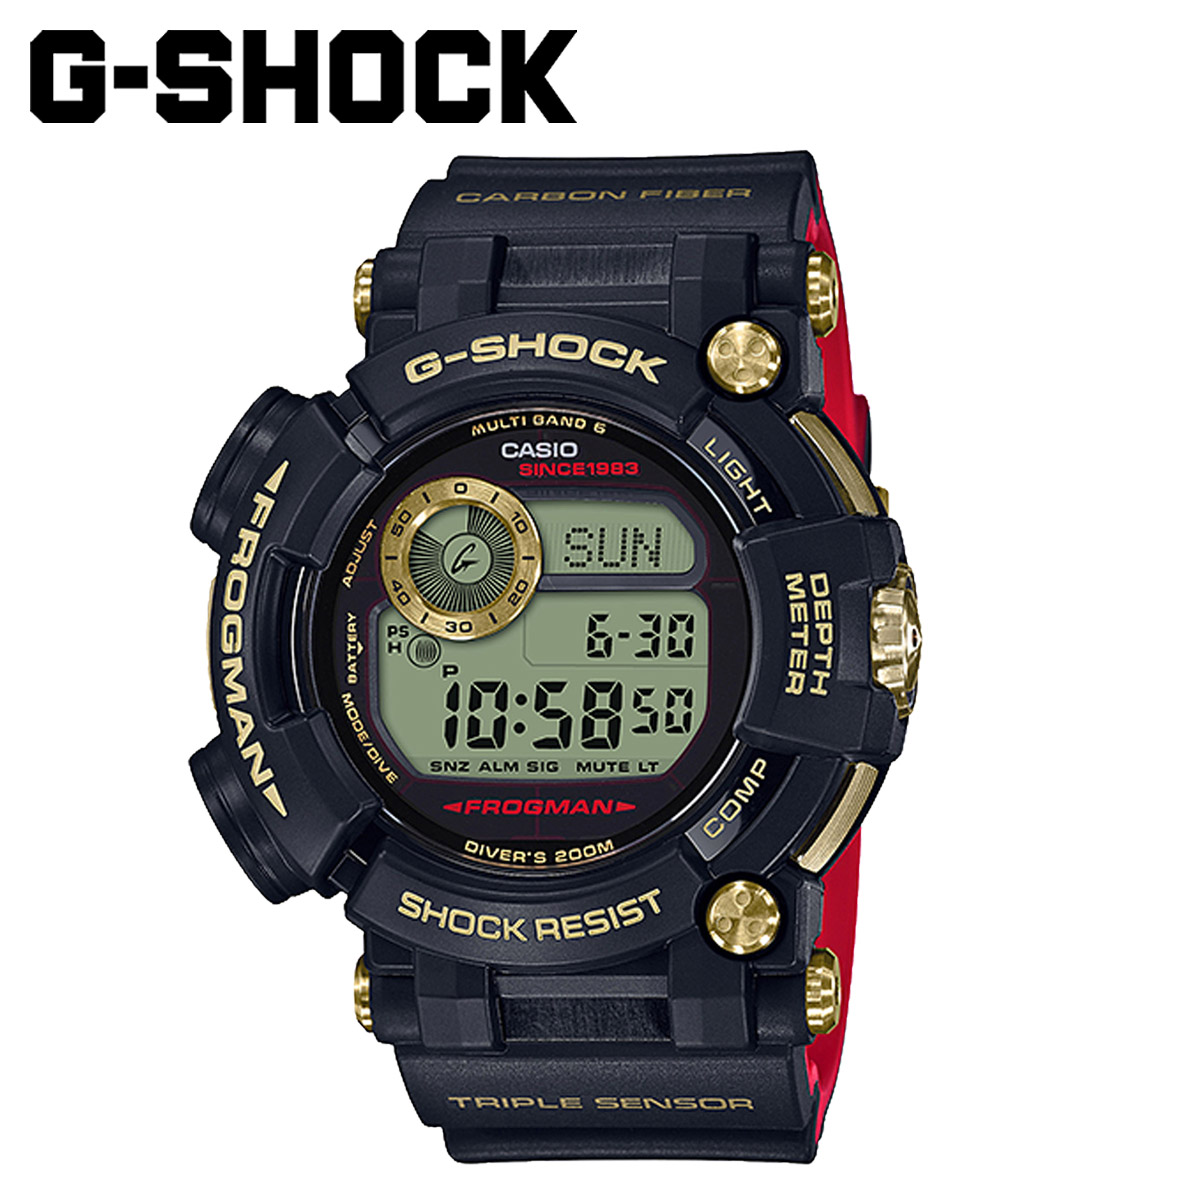 CASIO G-SHOCK カシオ 腕時計 GWF D1035B 1JR 30周年 ジーショック G-ショック Gショック メンズ レディース ブラック